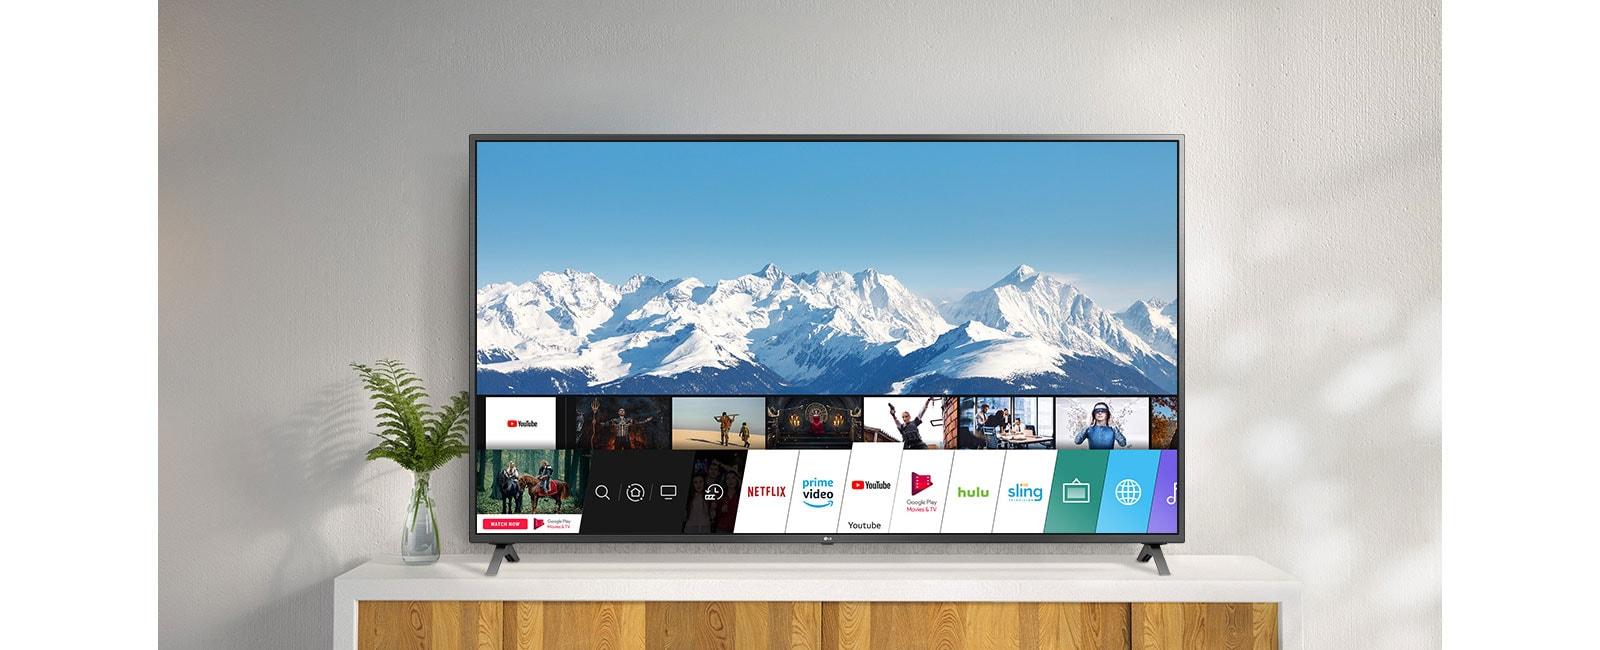 Televizor na belom postolju uz zid. Ekran televizora prikazuje početni ekran sa operativnim sistemom webOS.